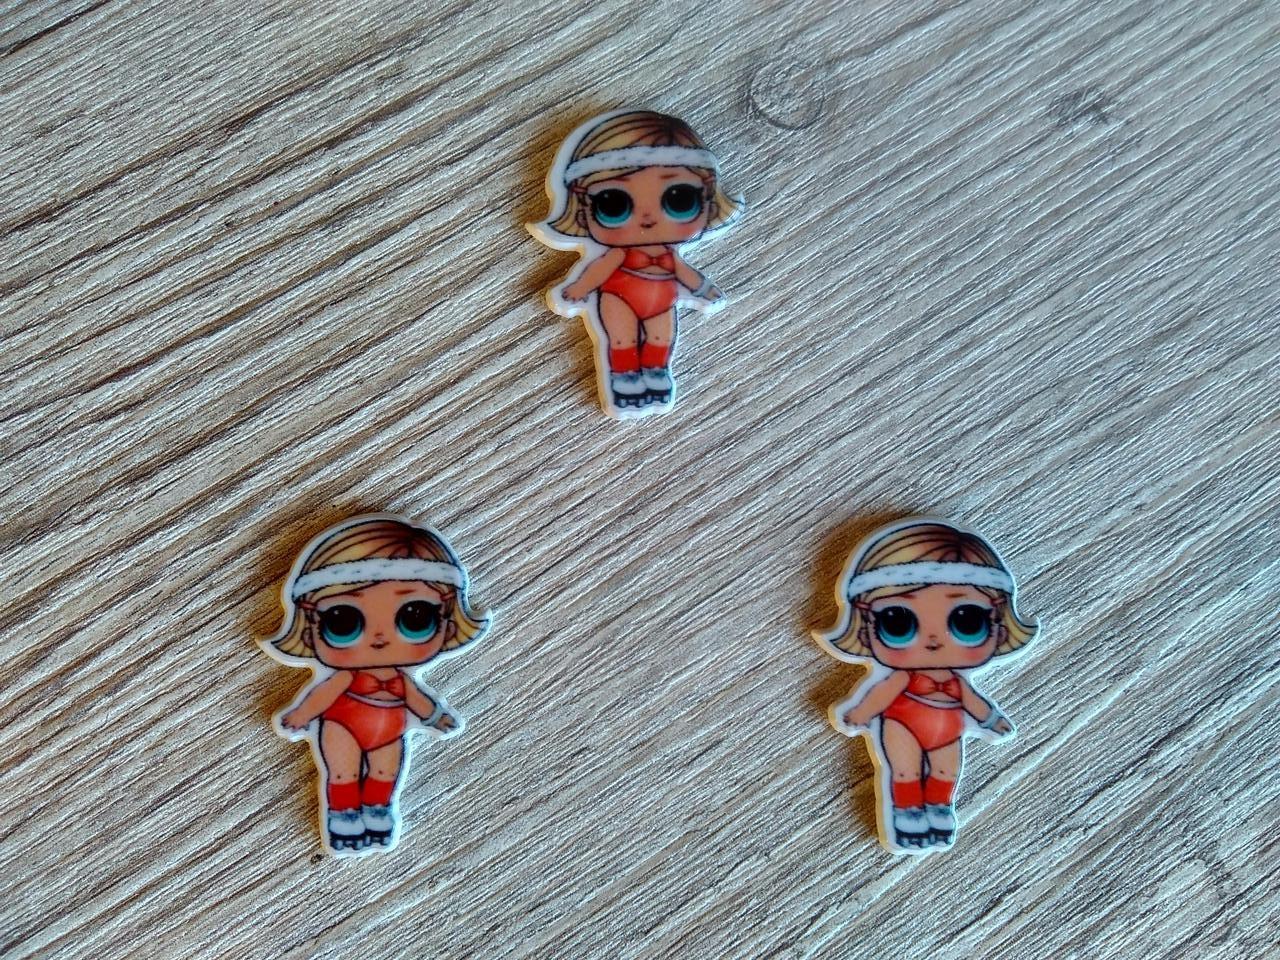 Серединка для бантиків (кабошон) лялька ЛОЛ (LOL) - Помаранчевий купальник